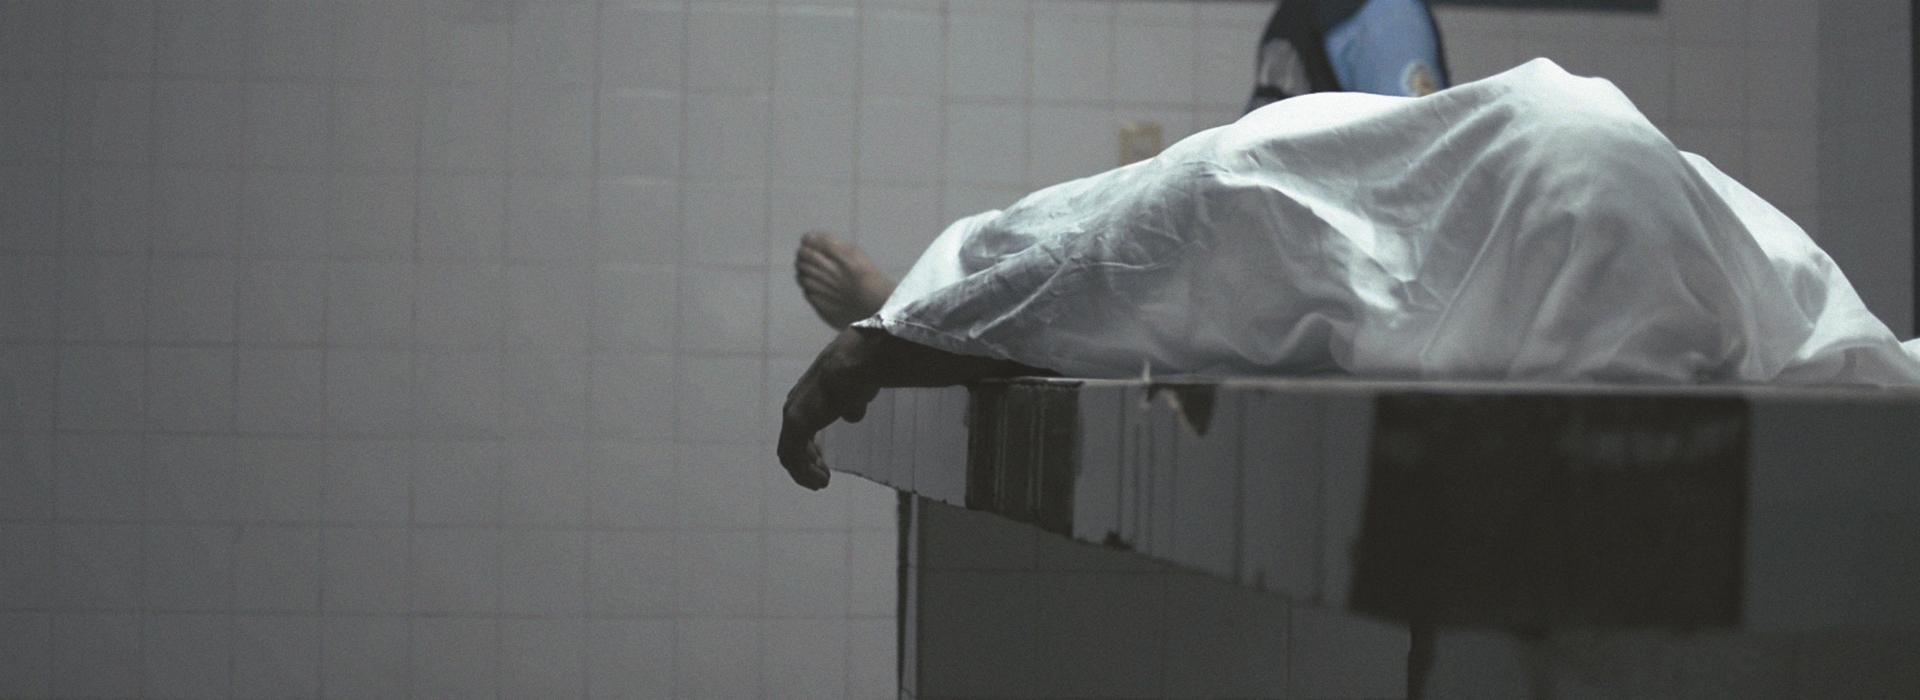 《現屍報》預告因太過驚悚駭人上映前慘遭被禁播